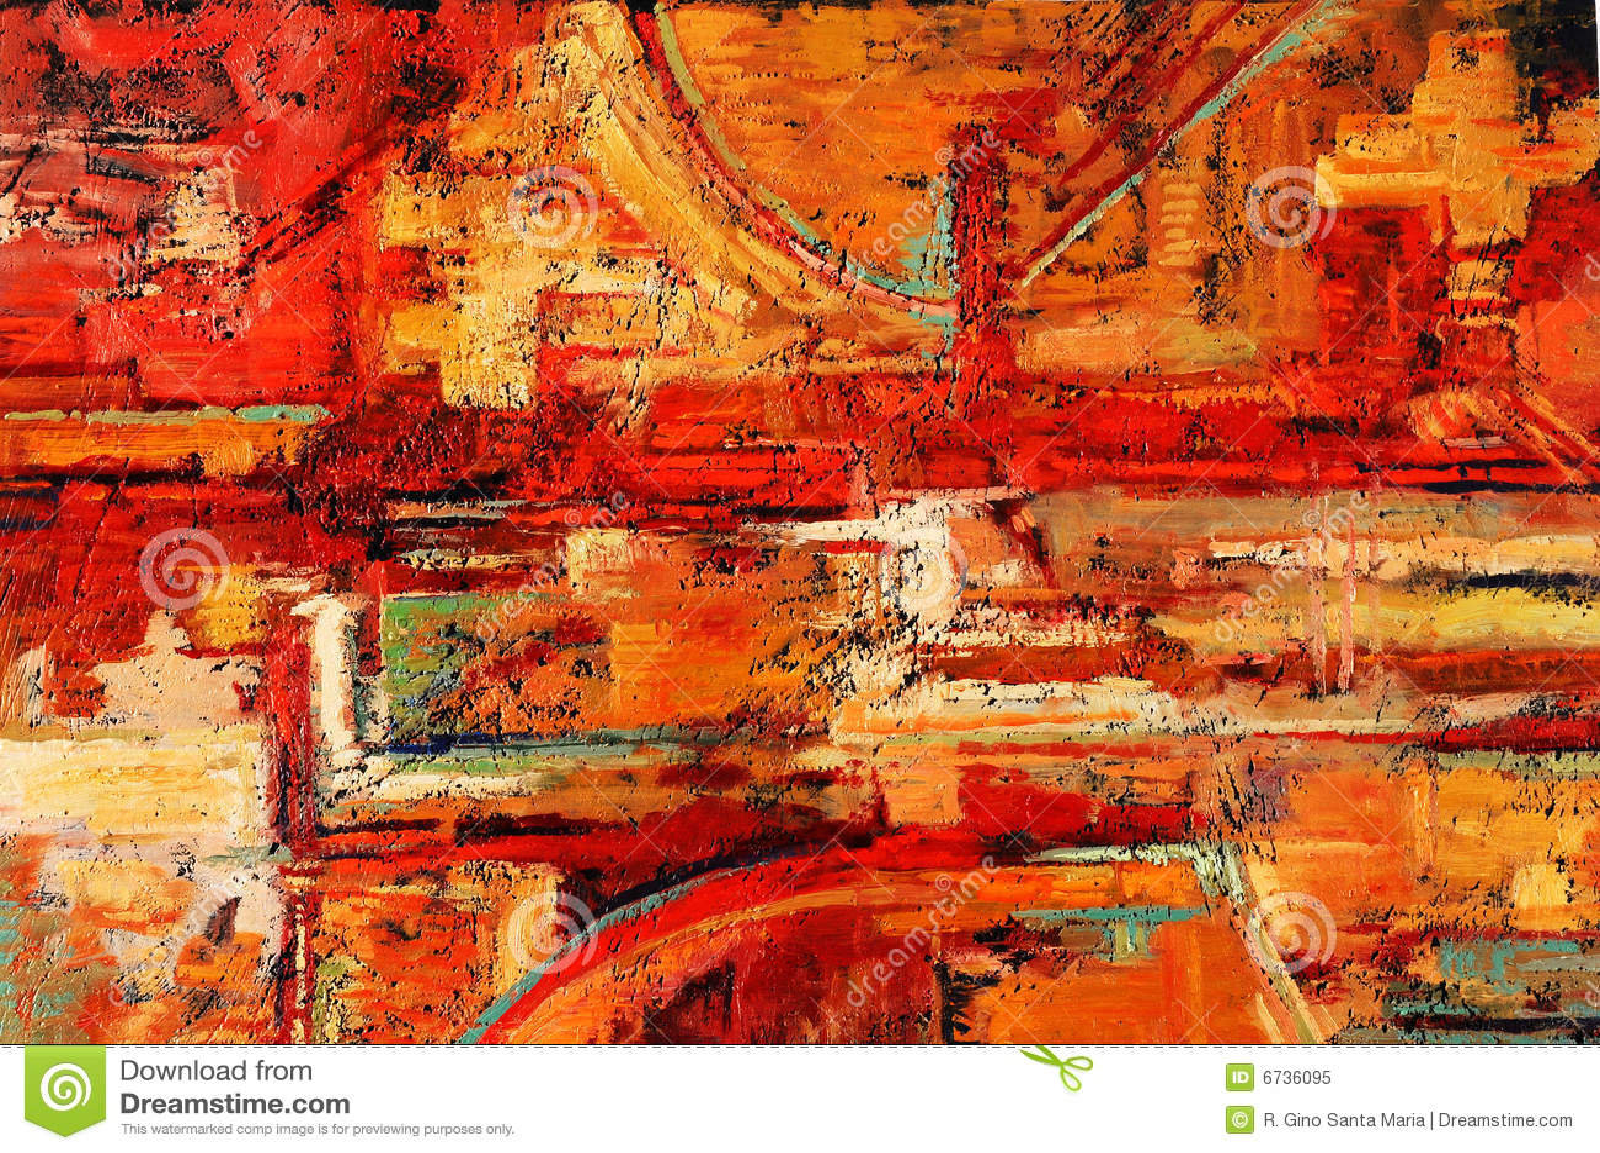 Peinture abstraite photo libre de droits image 6736095 - Peinture a l huile abstraite ...